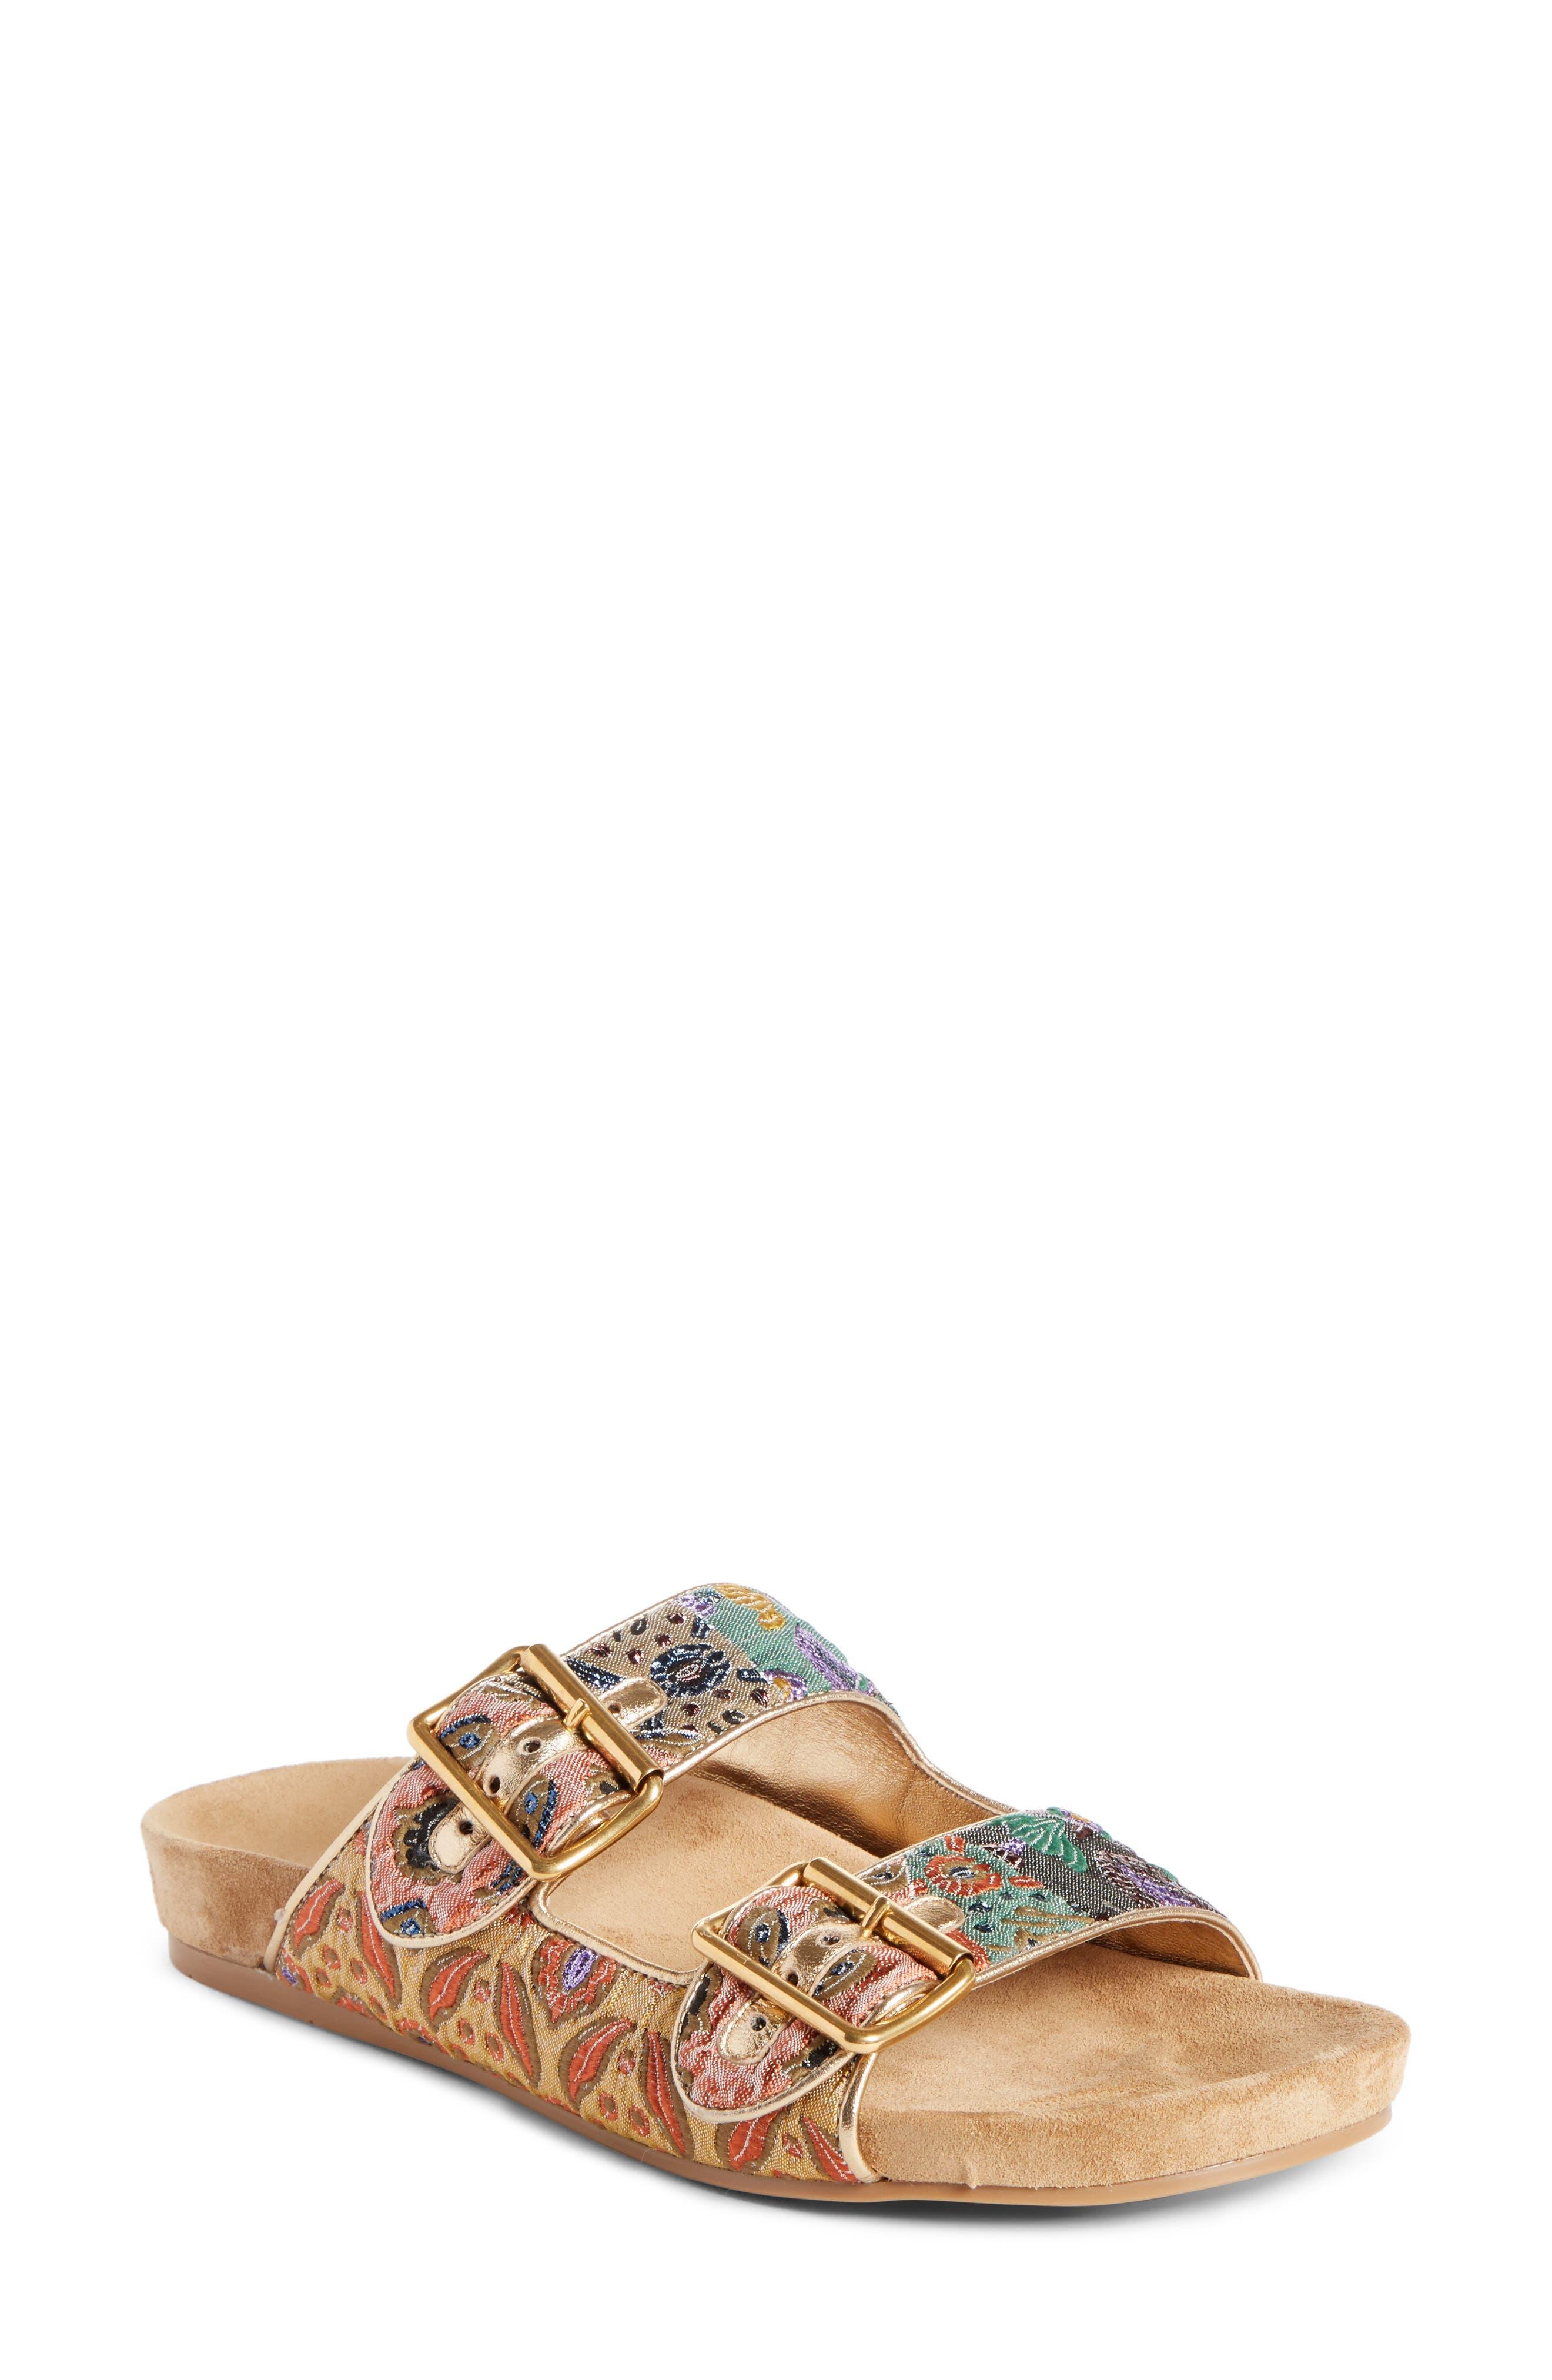 Main Image - Prada Glitter Slide Sandal (Women)